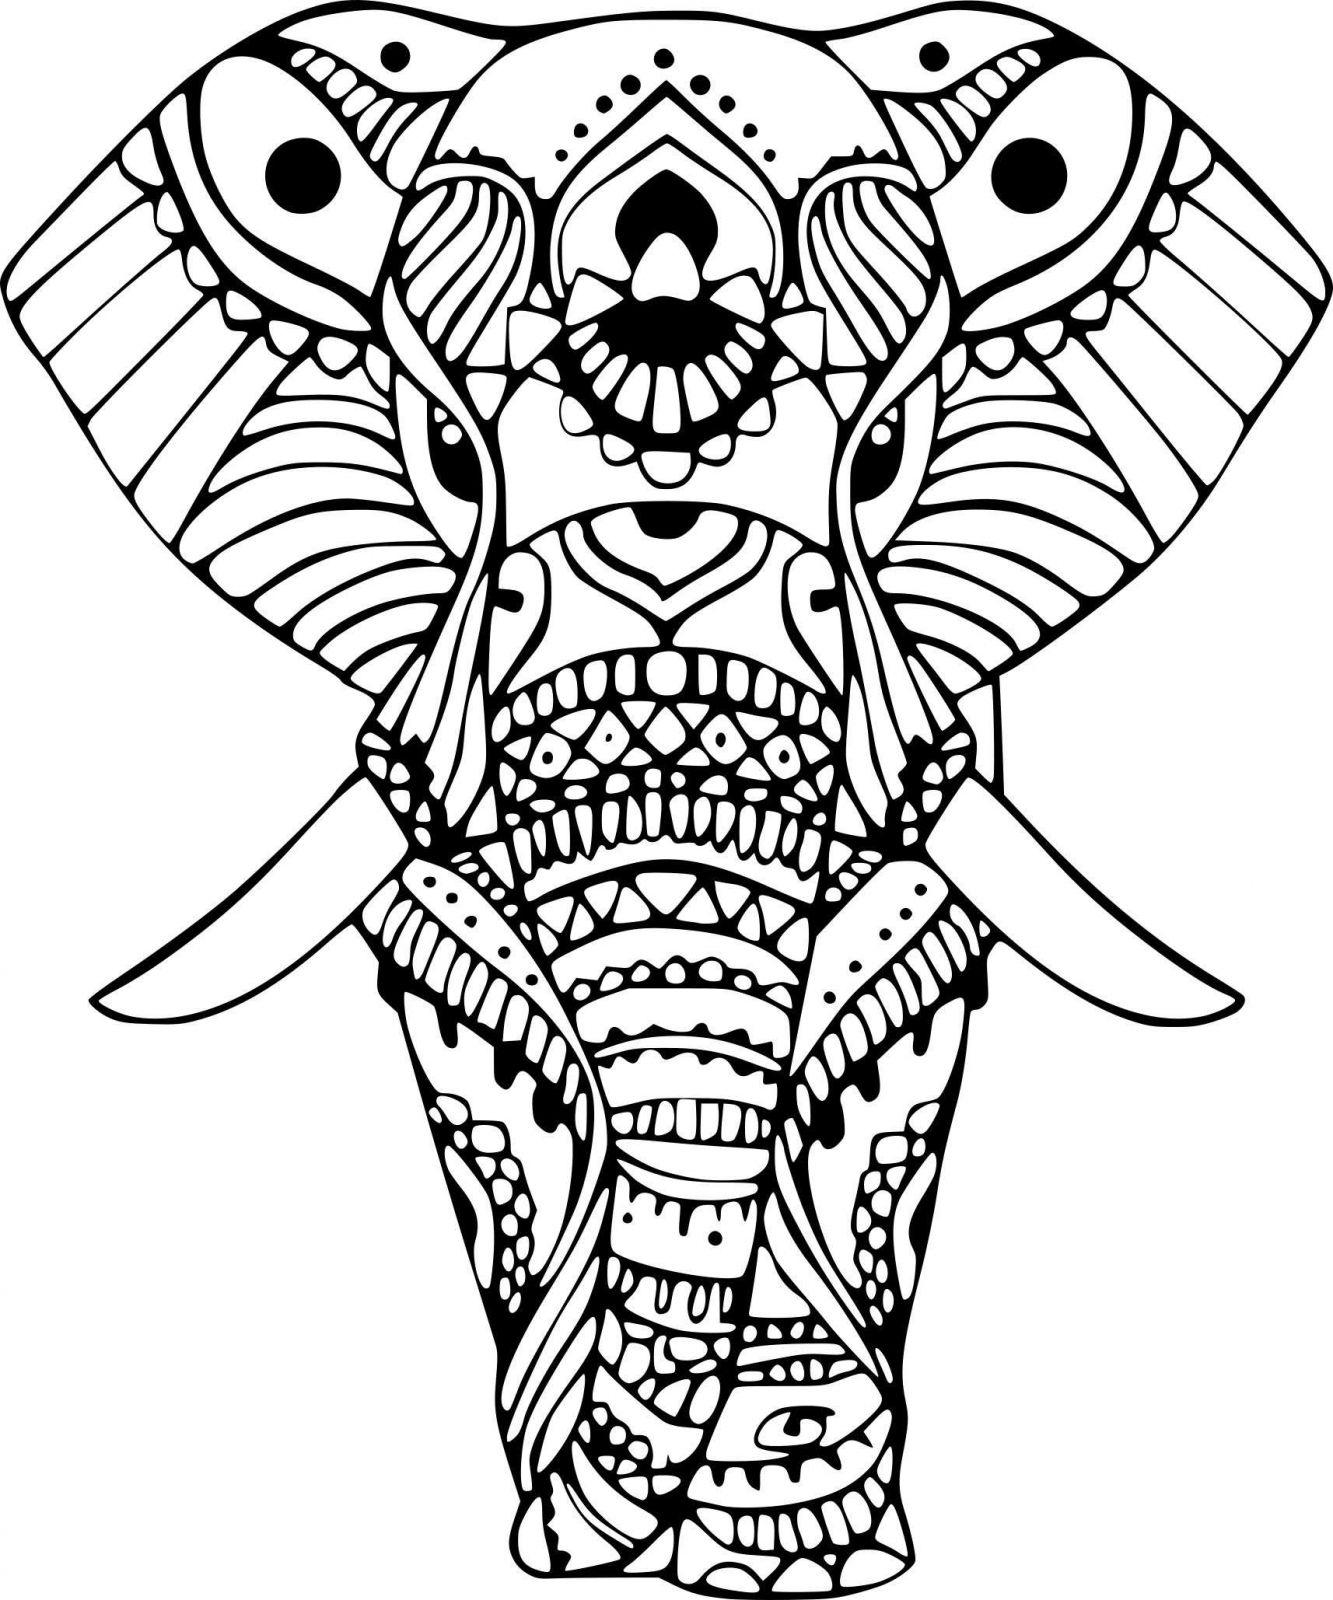 Coloriage Elephant Pour Adulte | Coloriages À Imprimer Gratuits à Dessin A Imprimer Pour Adulte